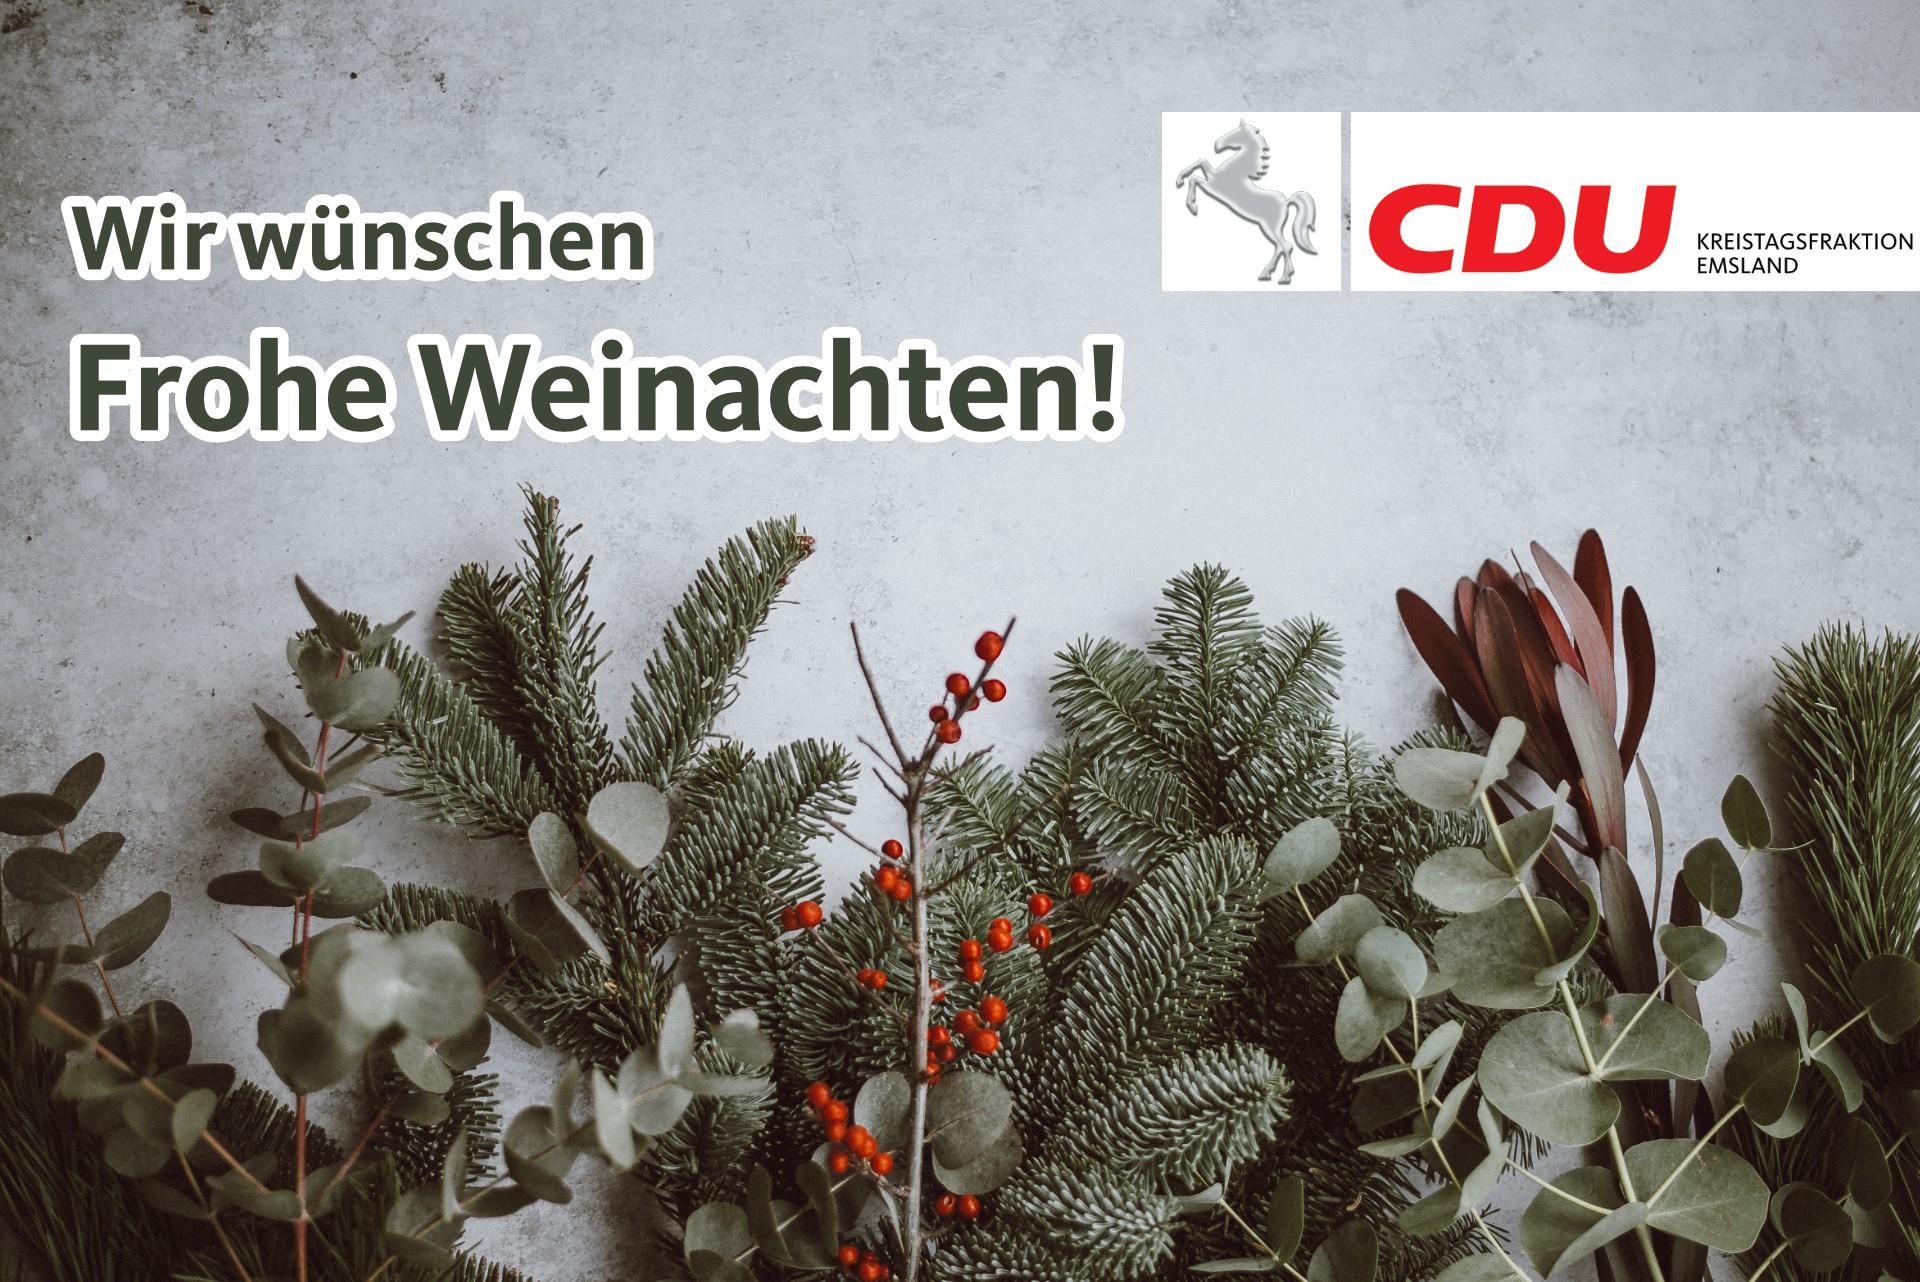 CDU-Kreistags-Fraktion_Emsland_Weihnachten_2018